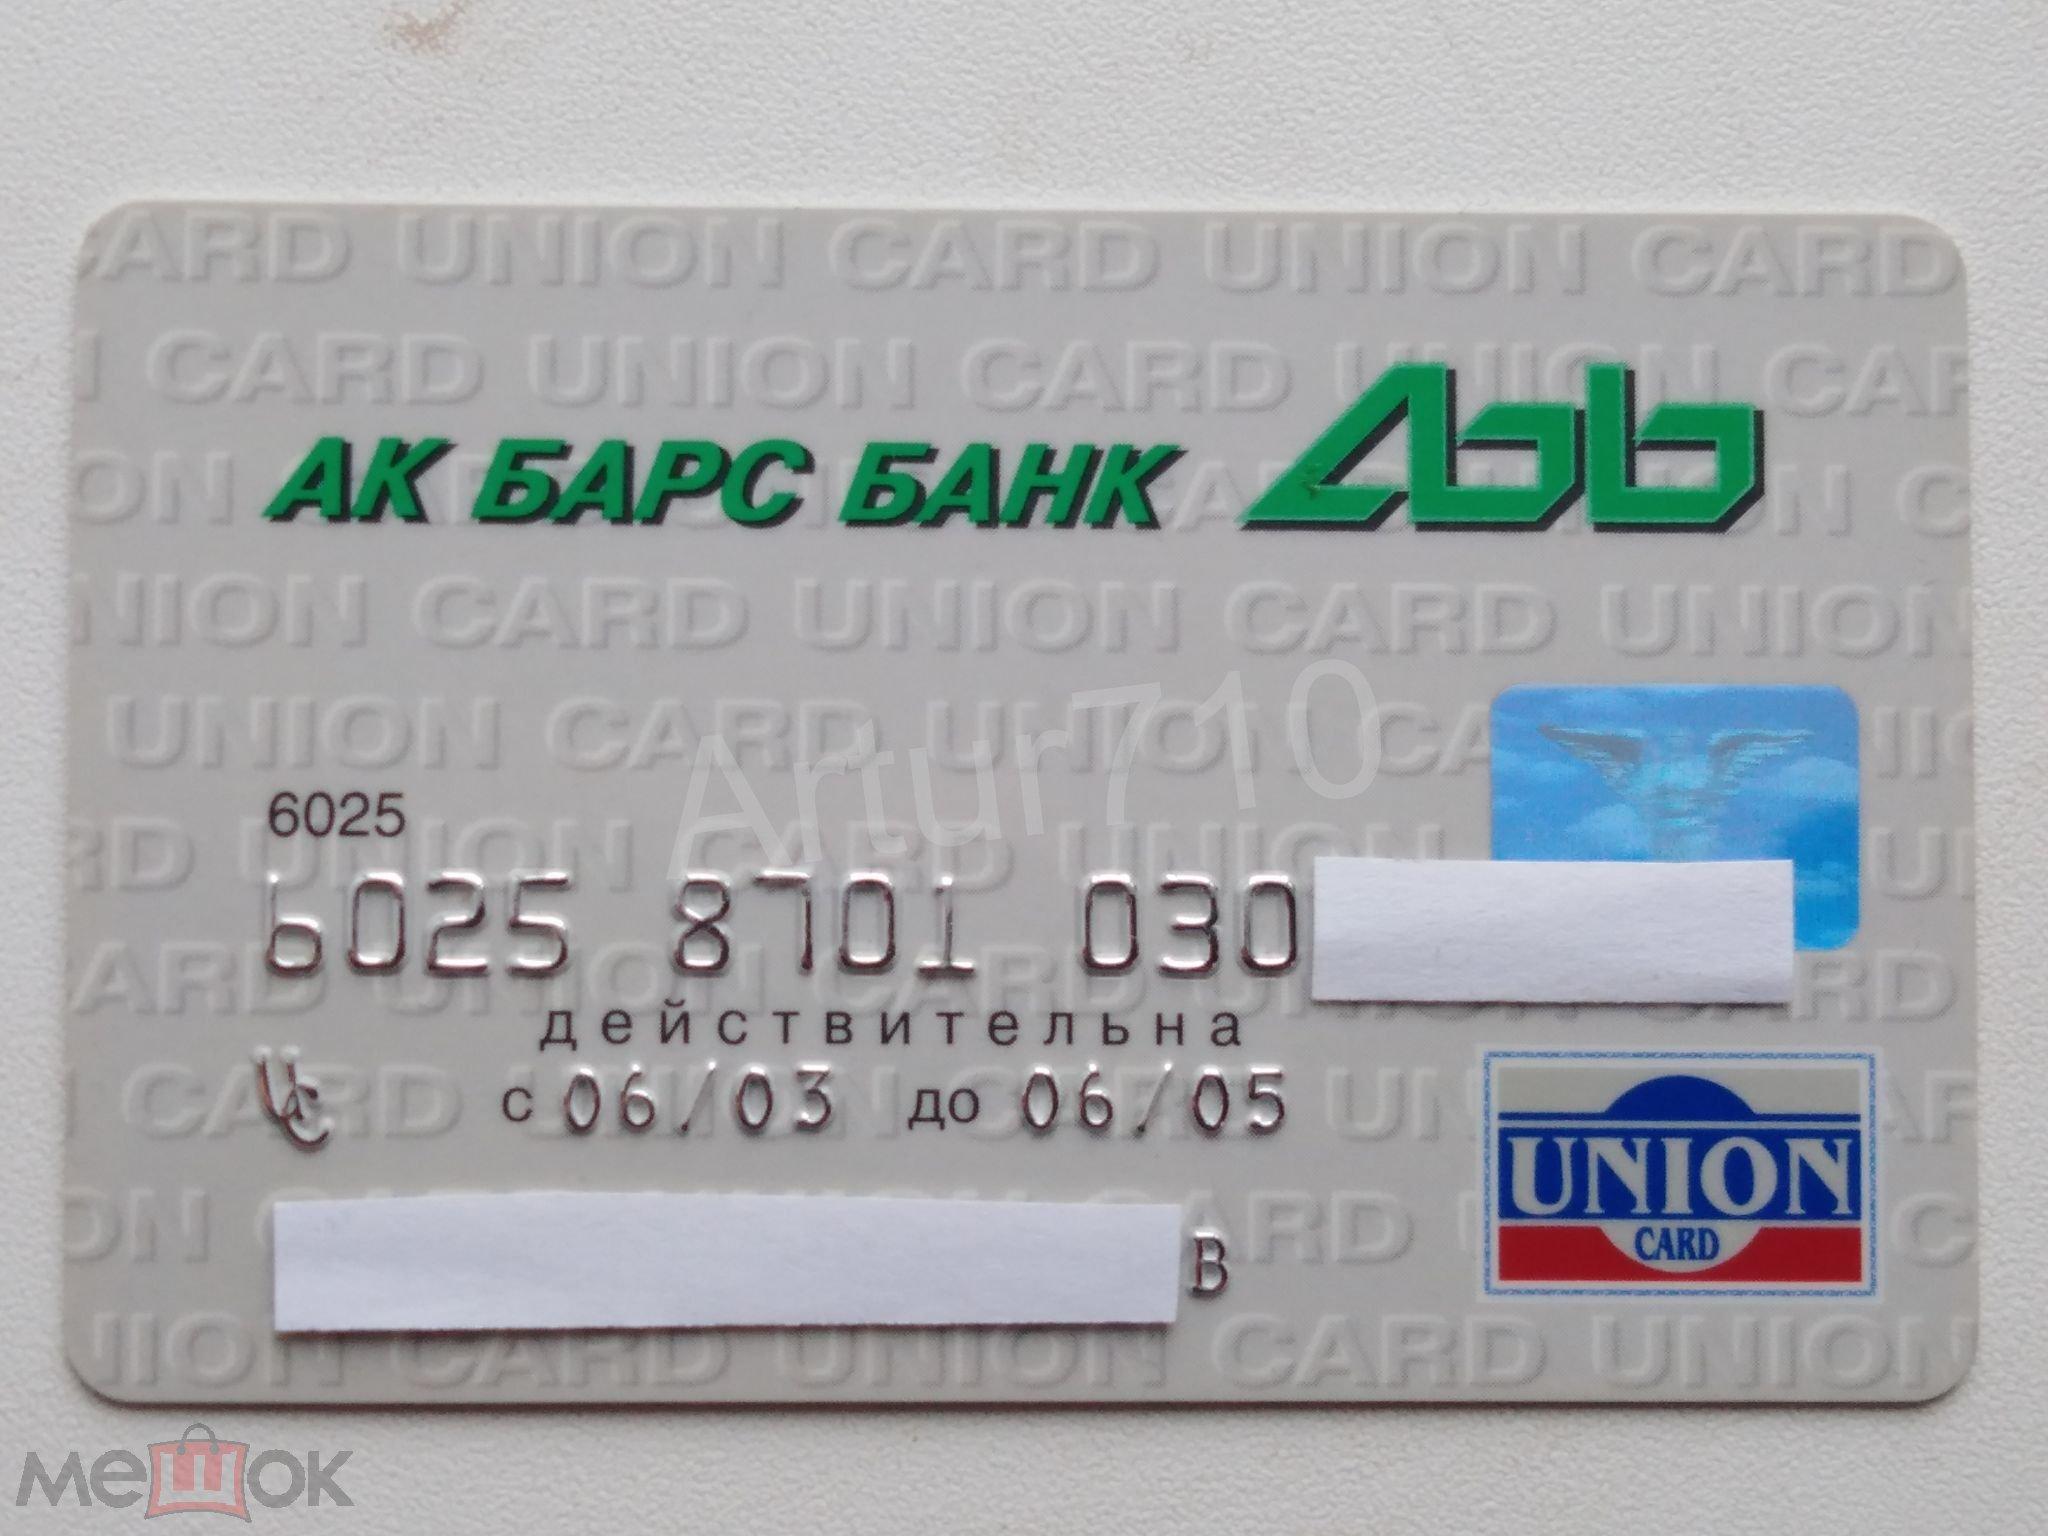 Банковская карта. Ак Барс Банк. Union